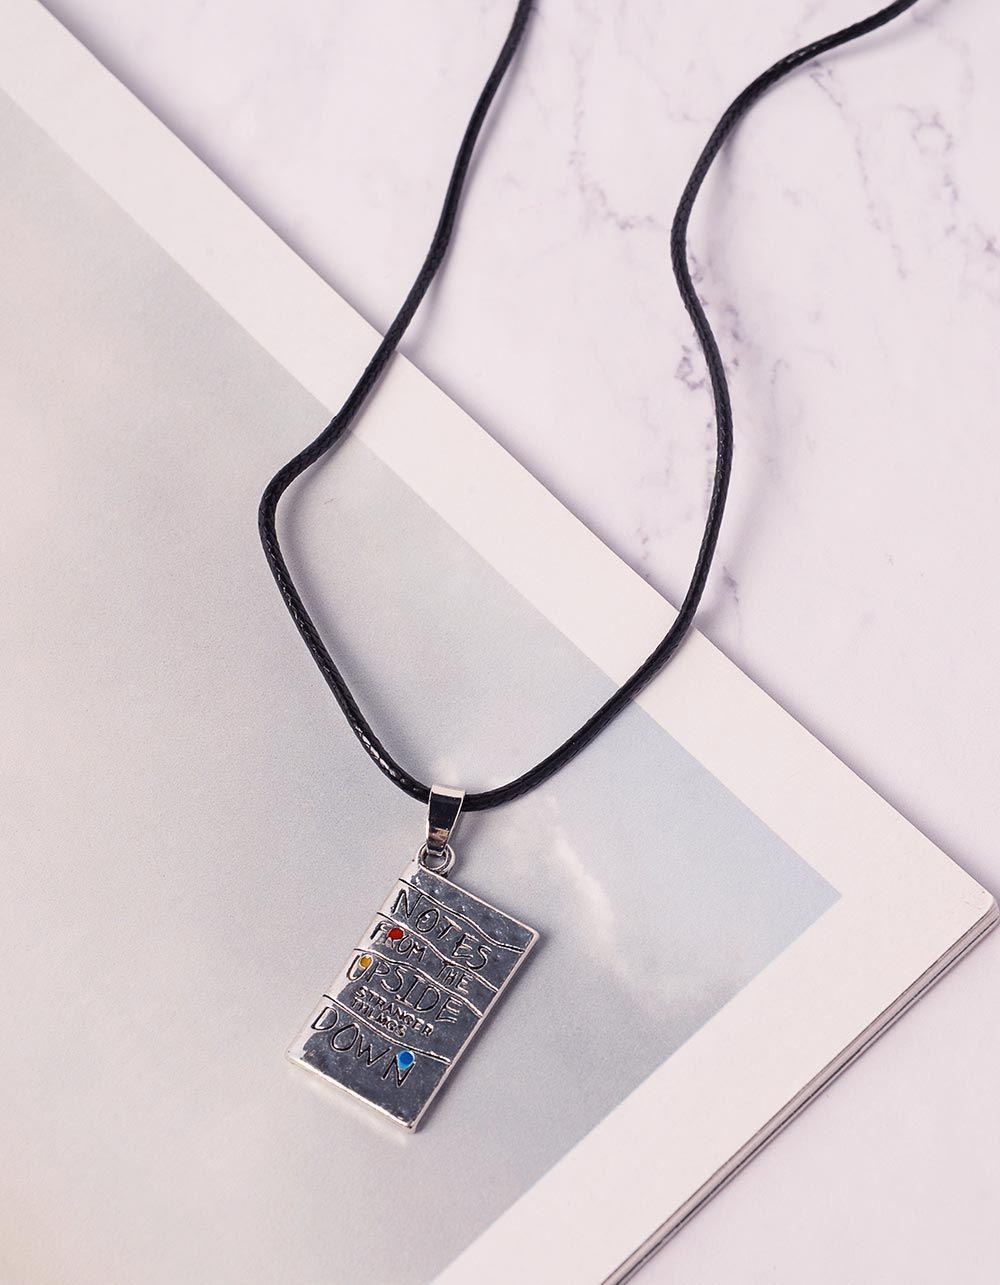 Підвіска із джгута з написом на кулоні | 239924-07-XX